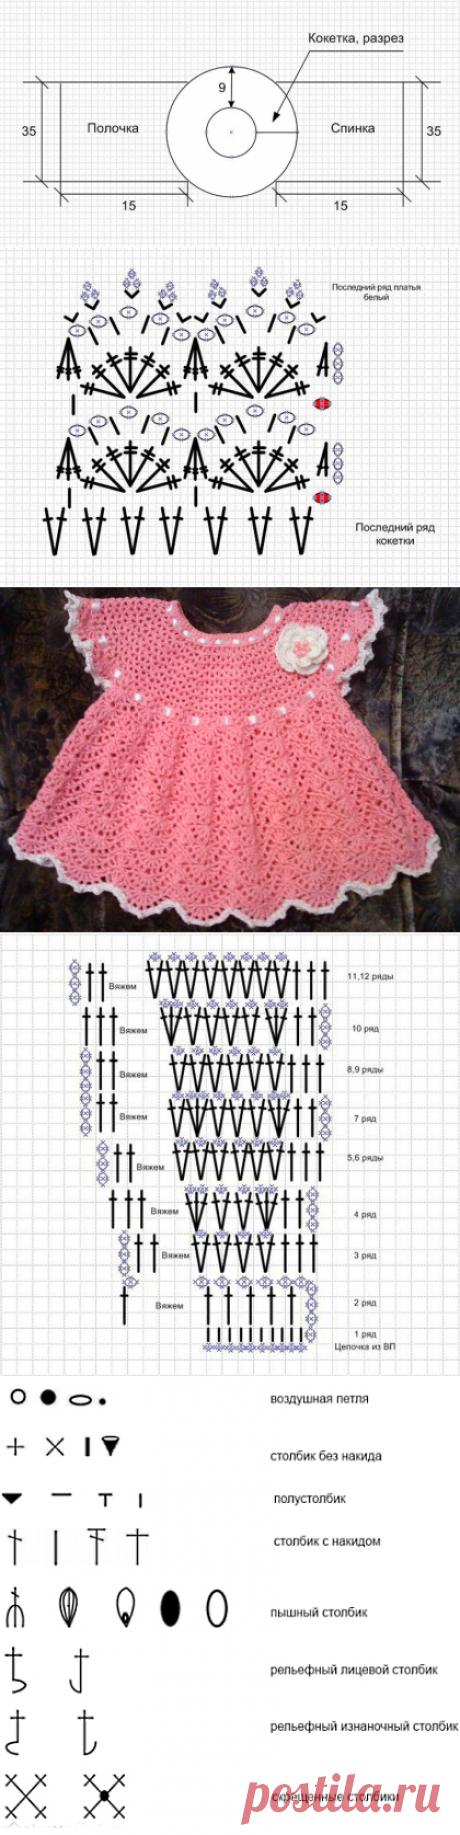 Вязаное ажурное платье крючком для девочки.